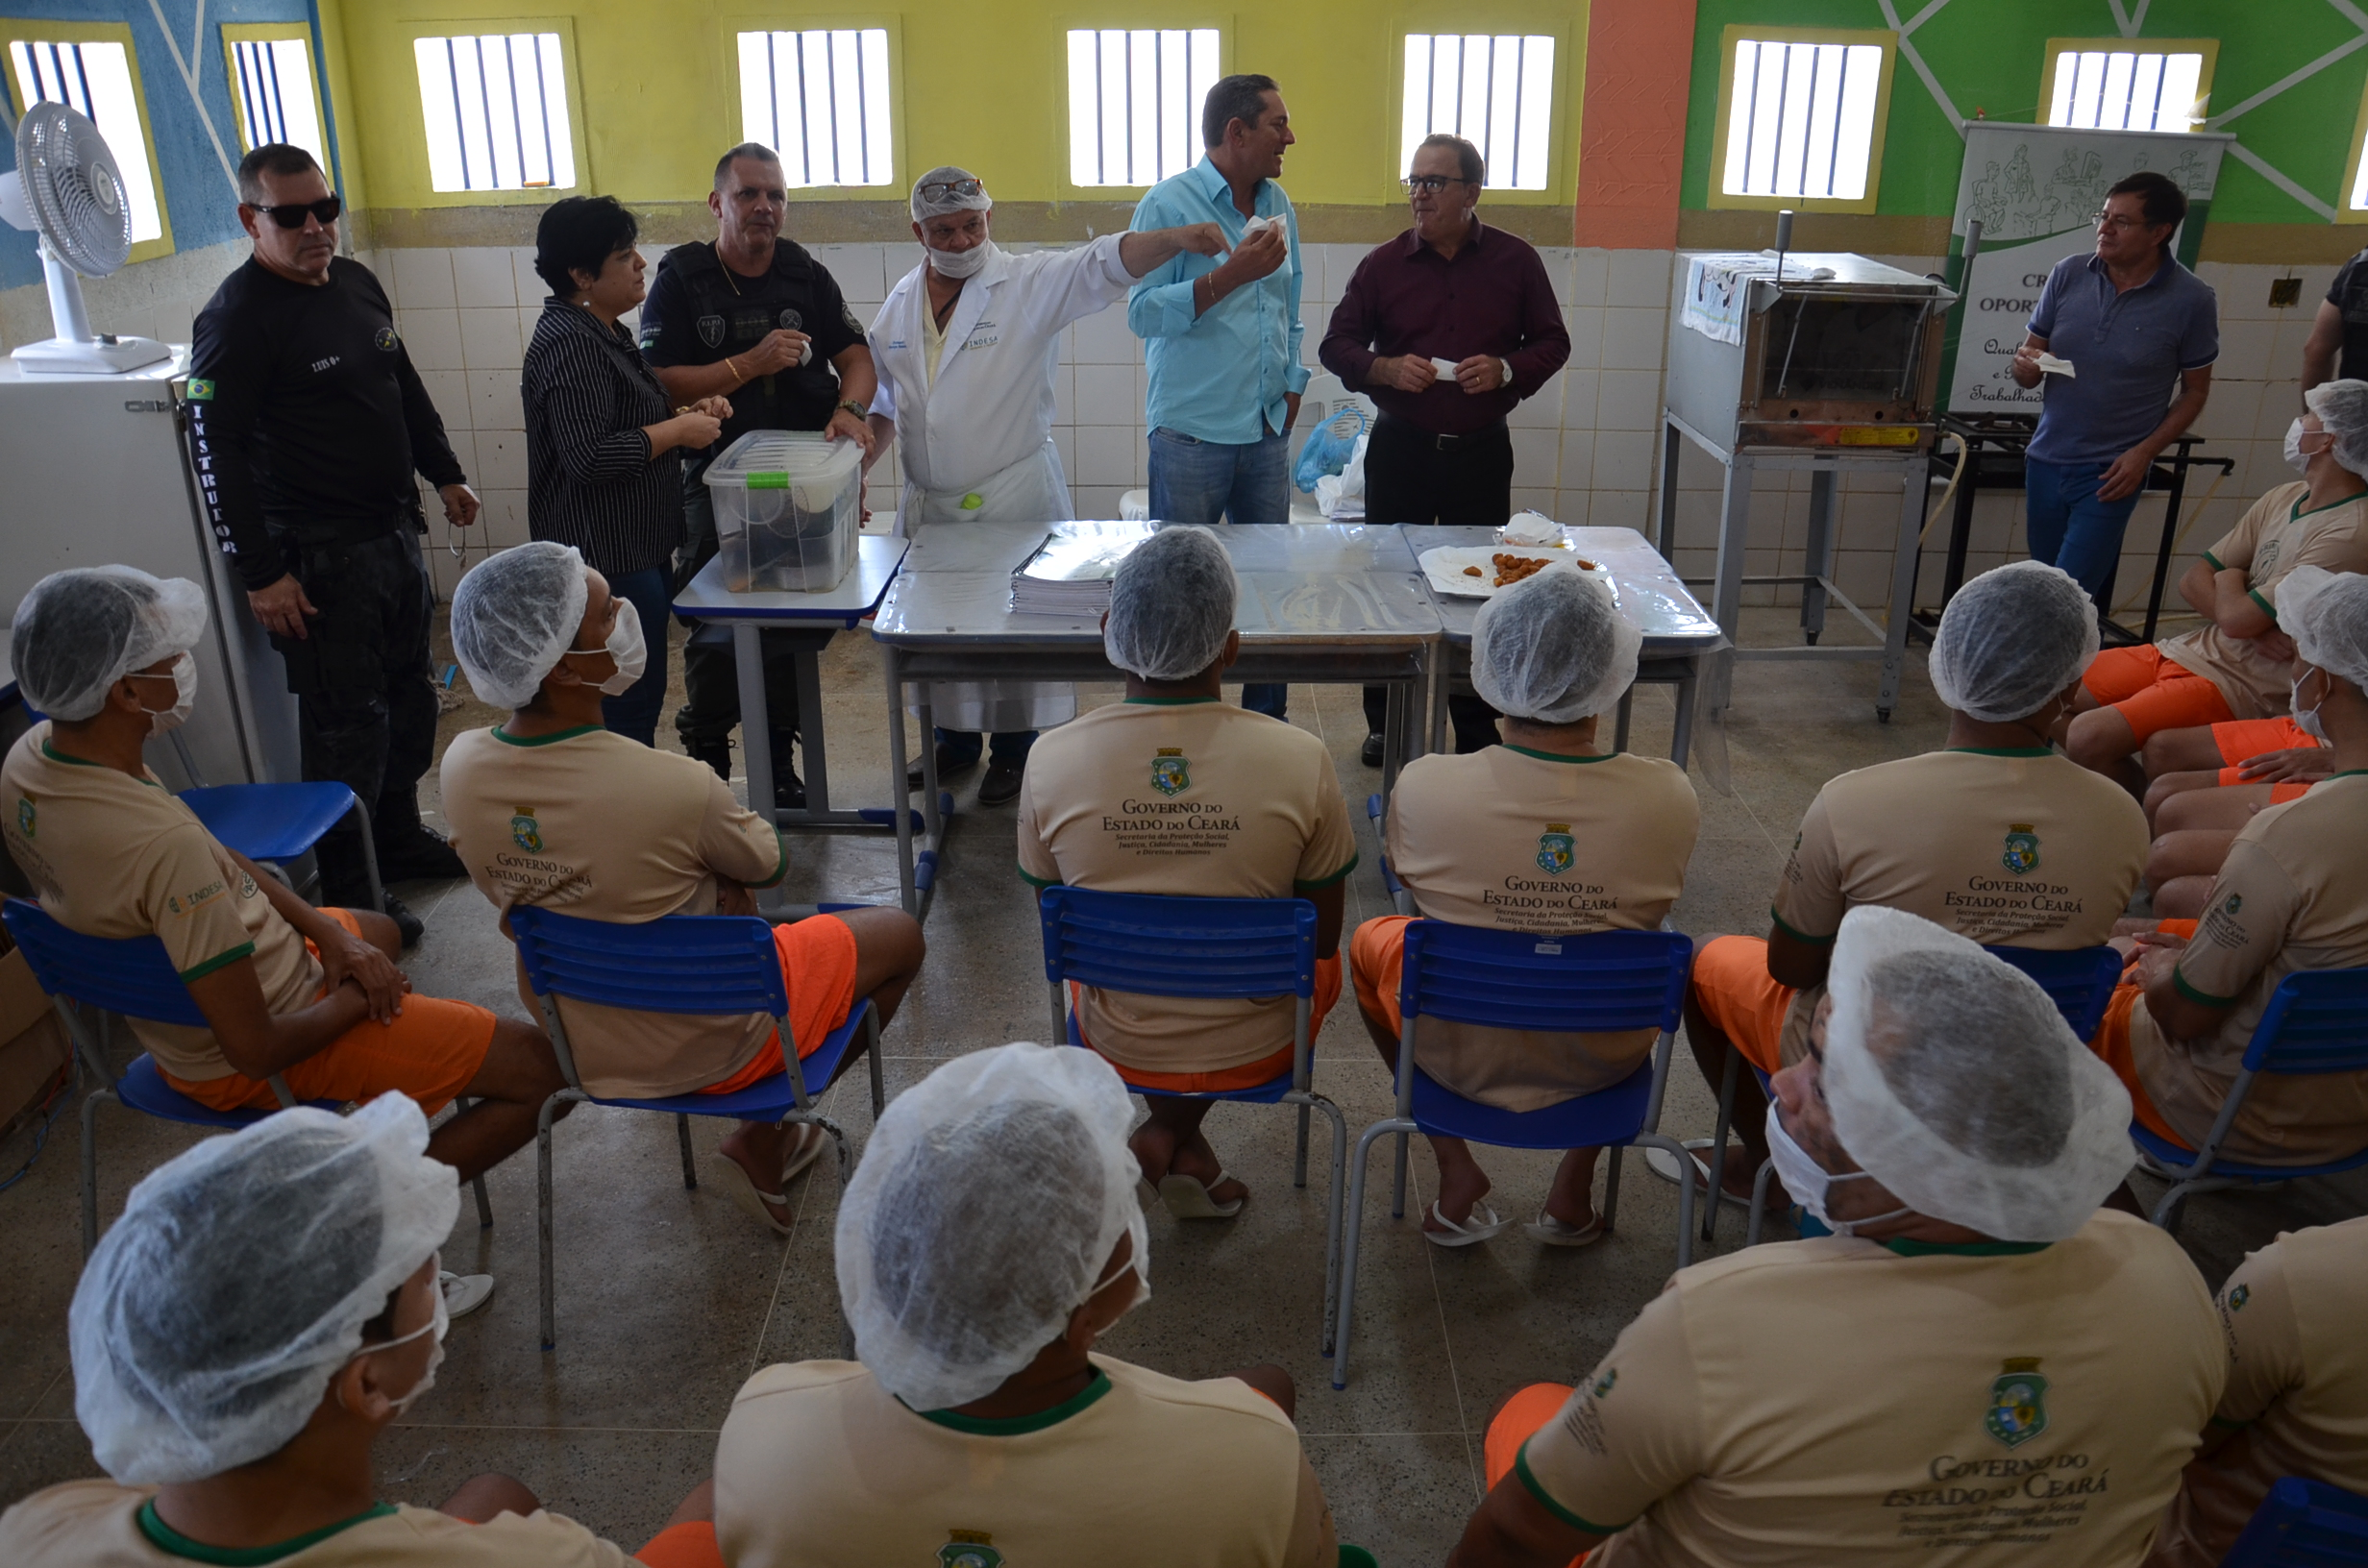 Unidades prisionais recebem visita técnica da Prefeitura de Itaitinga e empresários investidores - Ceará